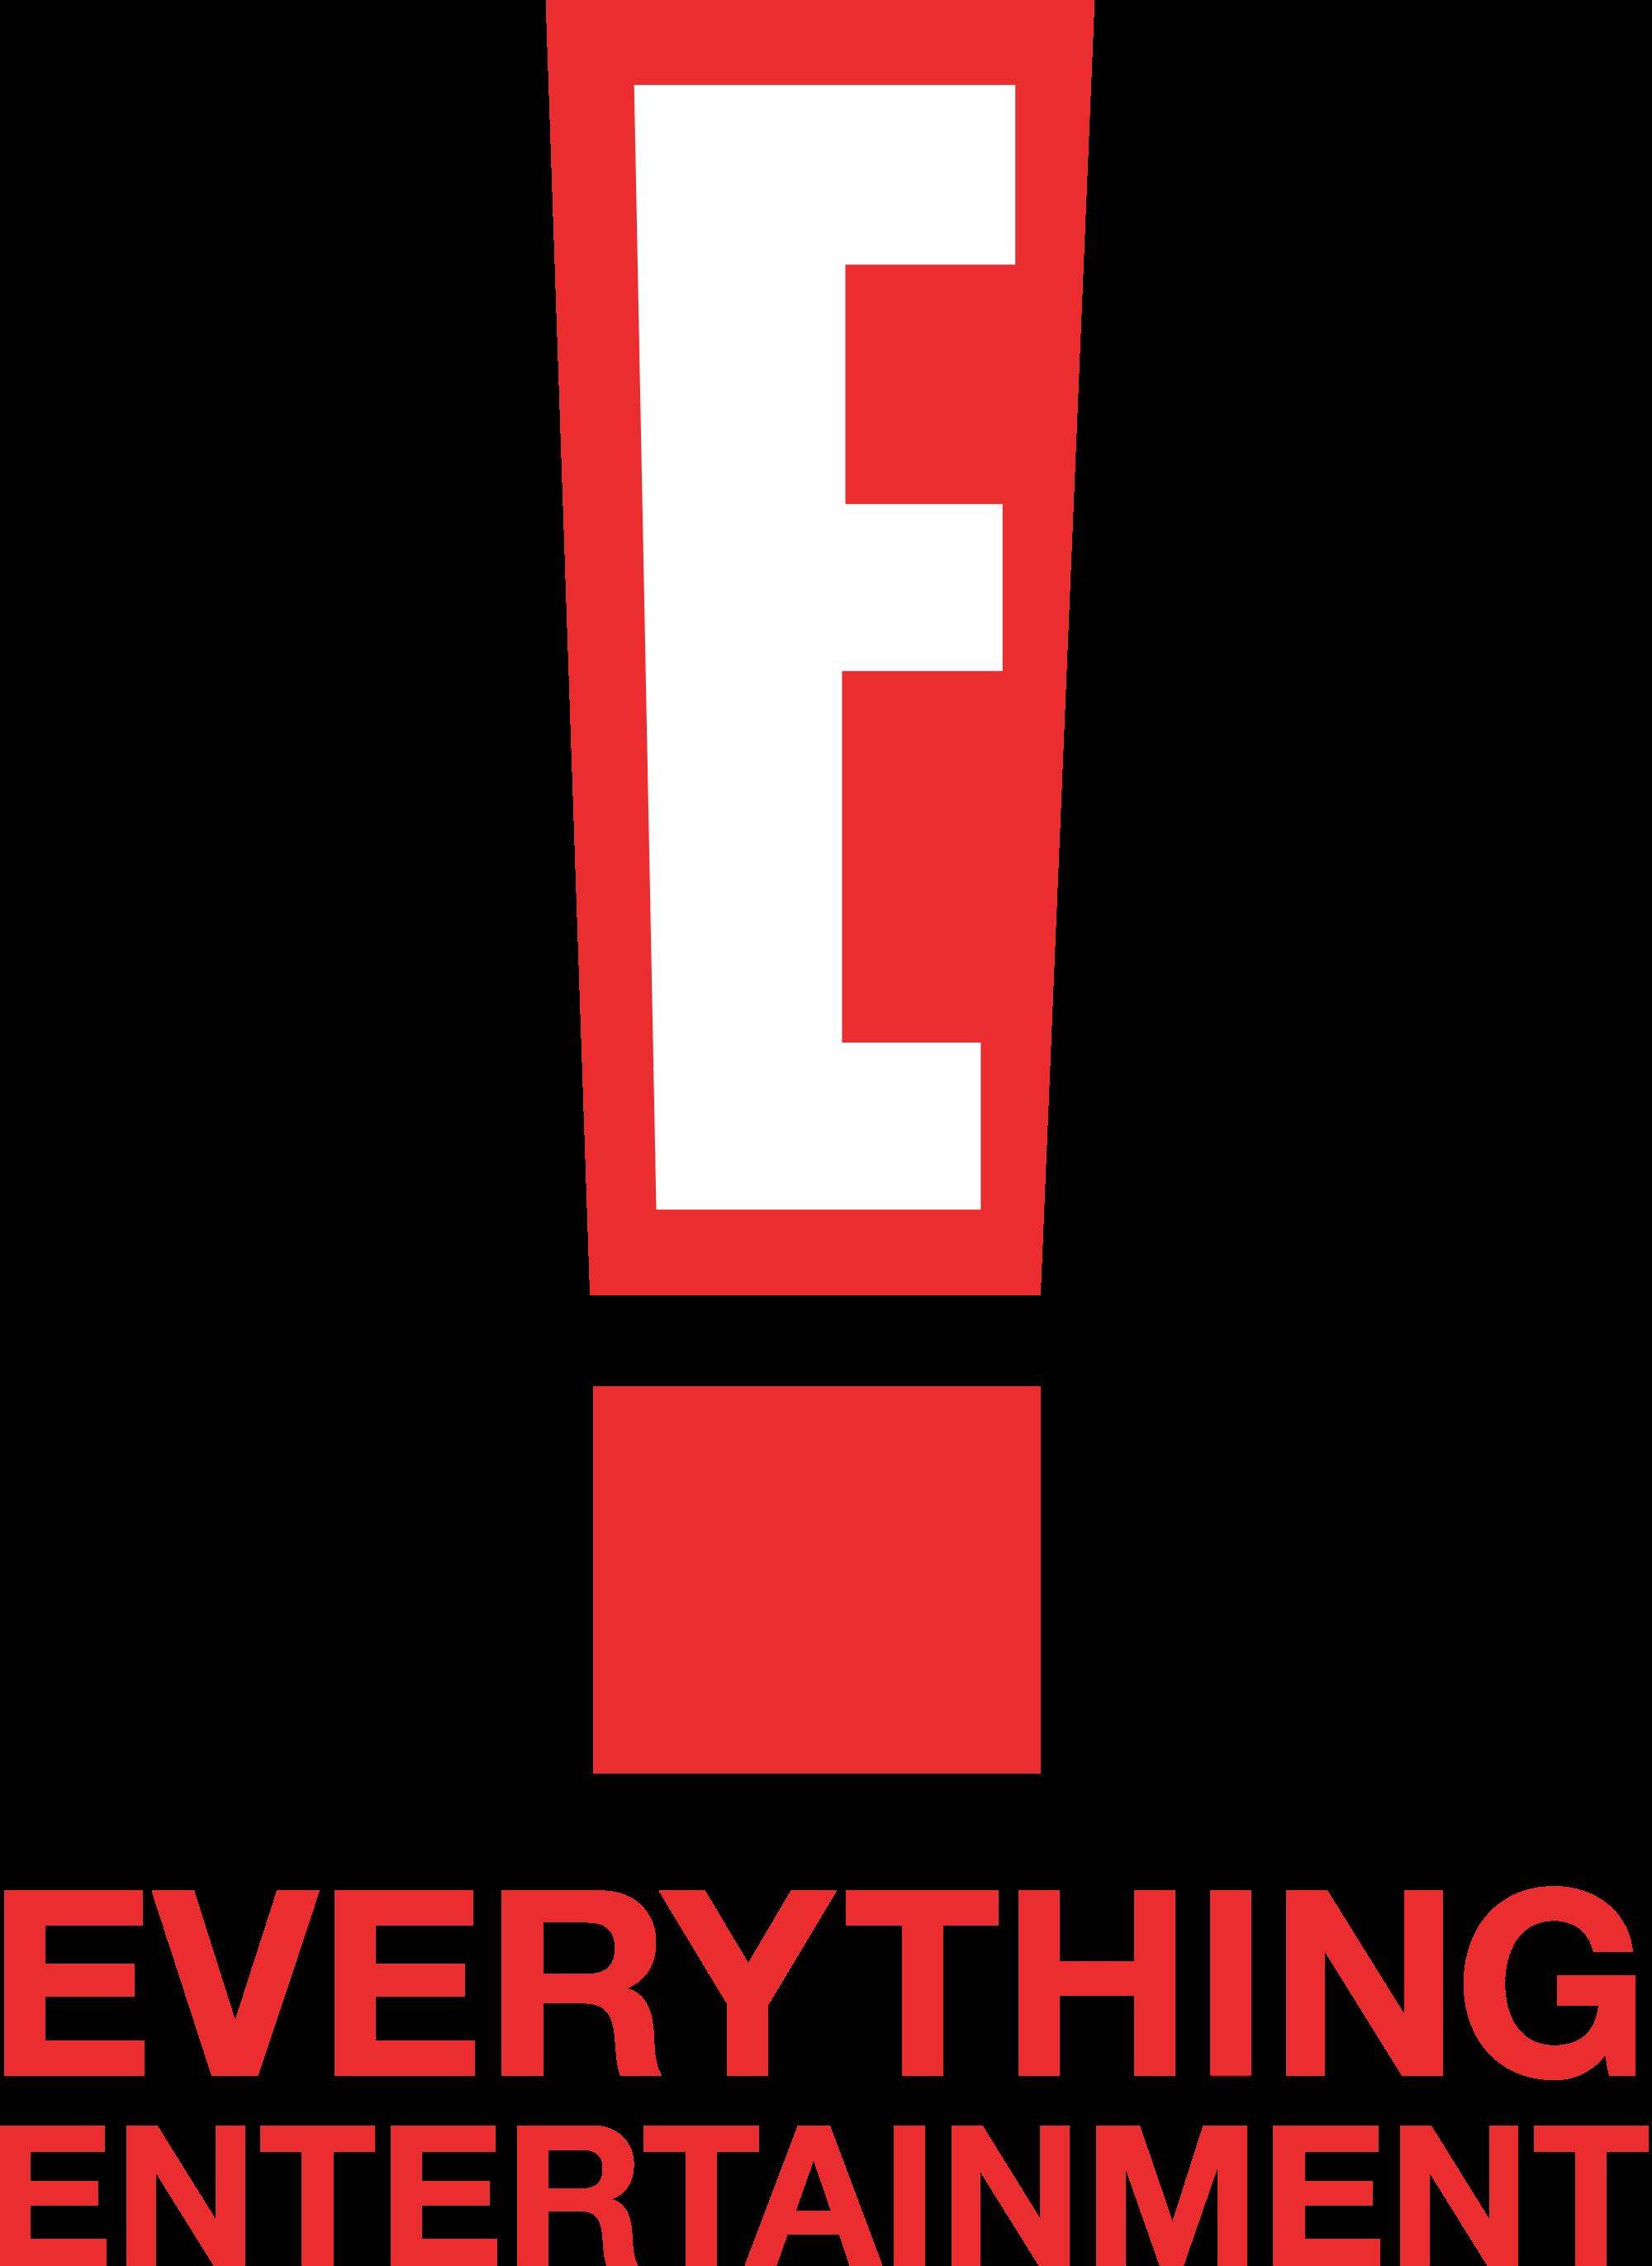 2000x2743 15 E Transparent Logo For Free Download On Mbtskoudsalg